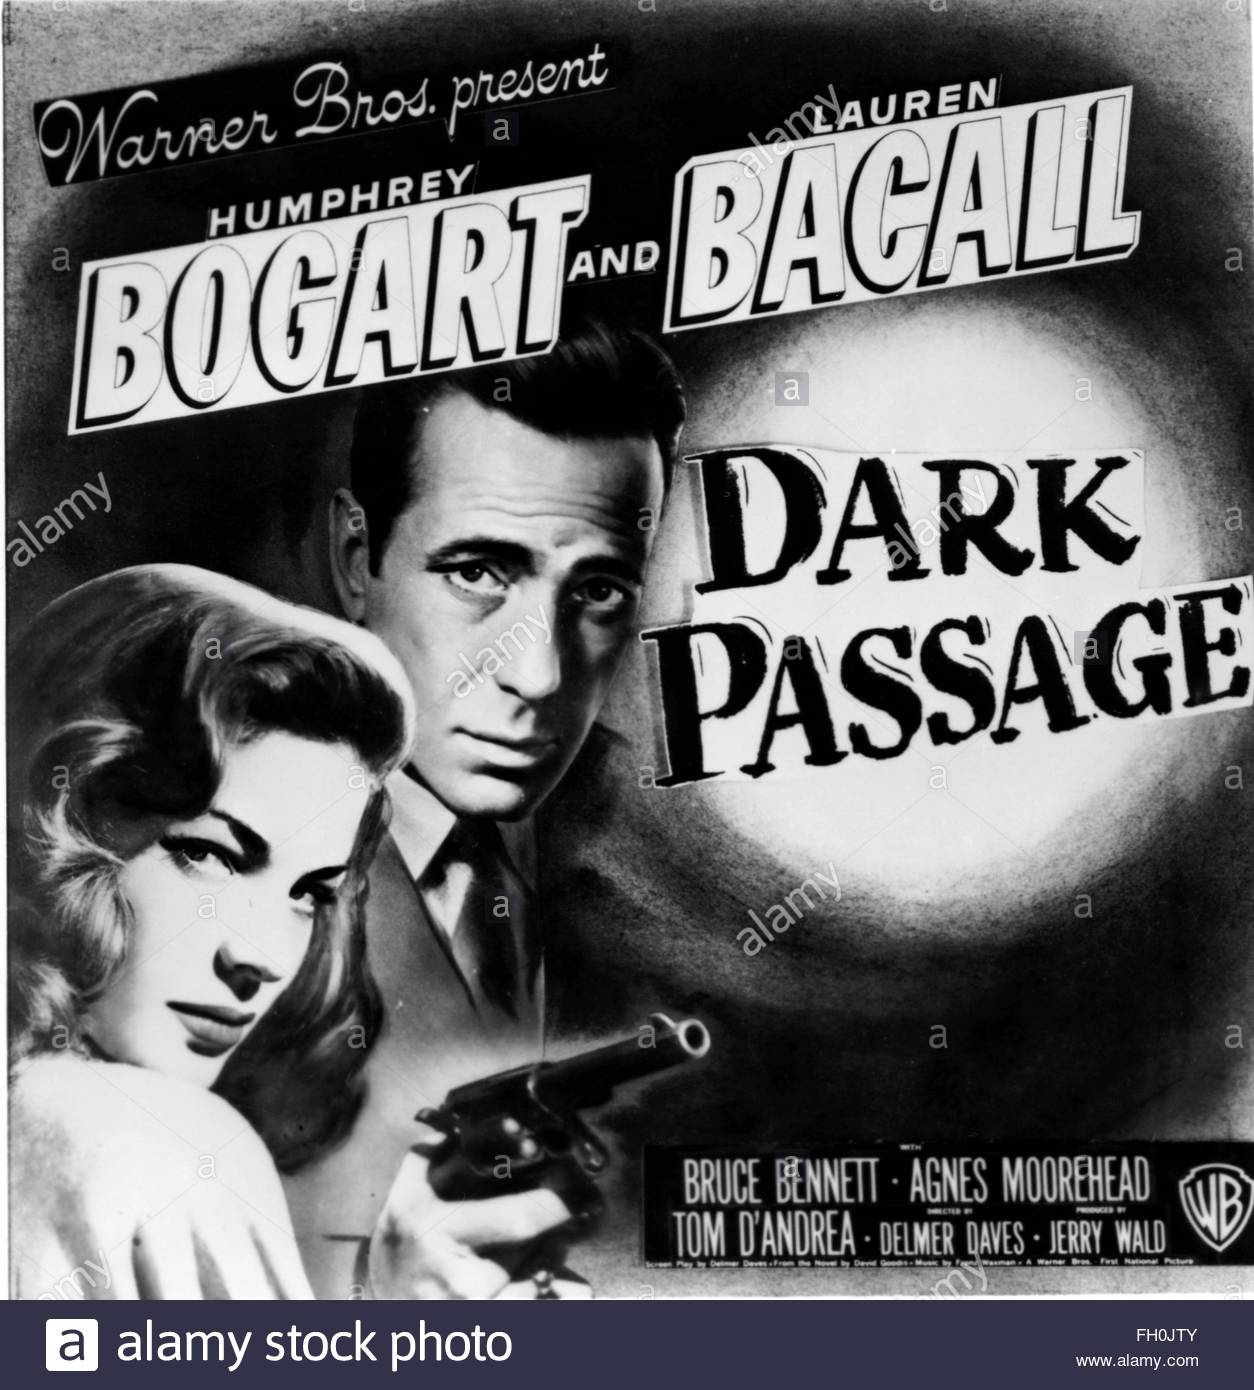 DARK PASSGE (1947) - Poster per film noir interpretato da Humphrey Bogart e Lauren Bacall. La cortesia Granamour Immagini Stock